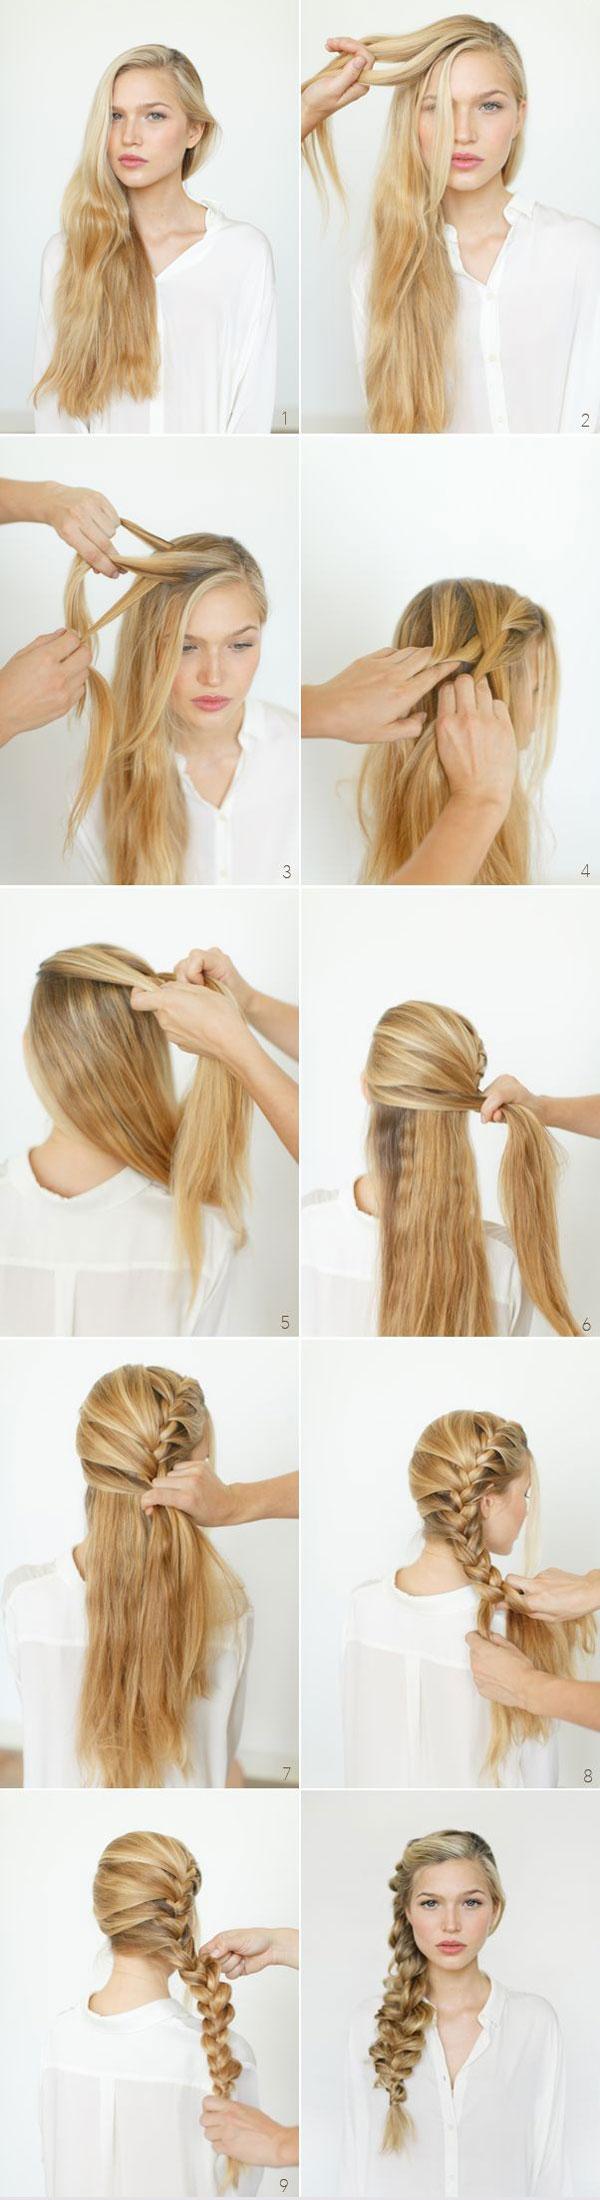 آموزش تصویری بافت مو دخترانه